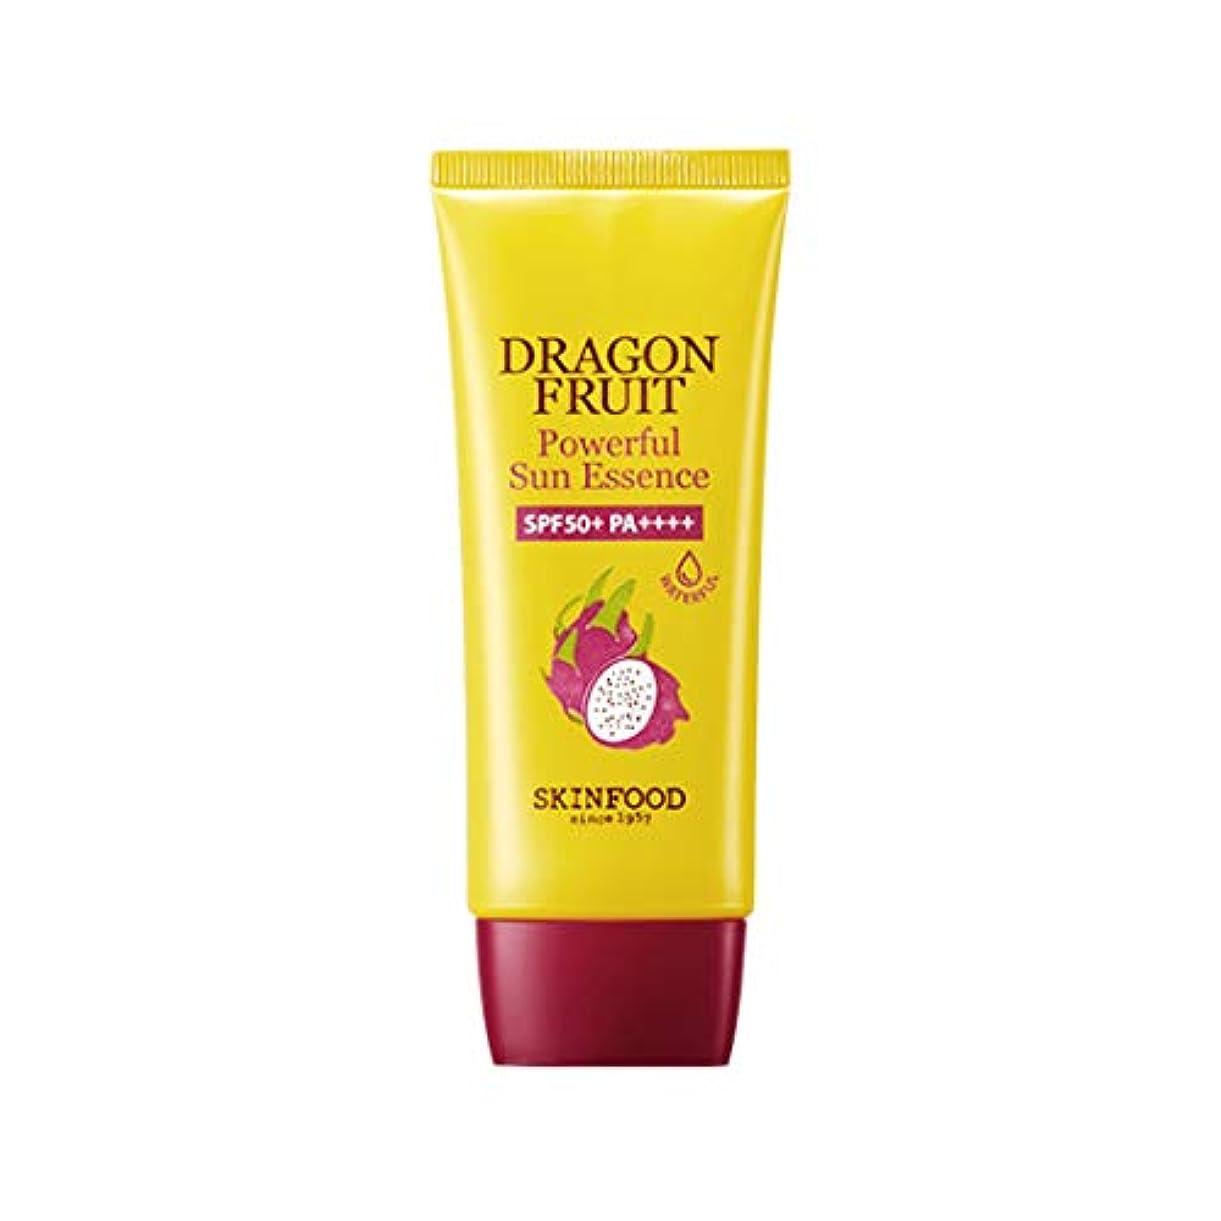 分析的活性化する消化Skinfood ドラゴンフルーツパワフルサンエッセンスSPF50 + PA +++ / Dragon Fruit Powerful Sun Essence SPF50+ PA+++ 50ml [並行輸入品]